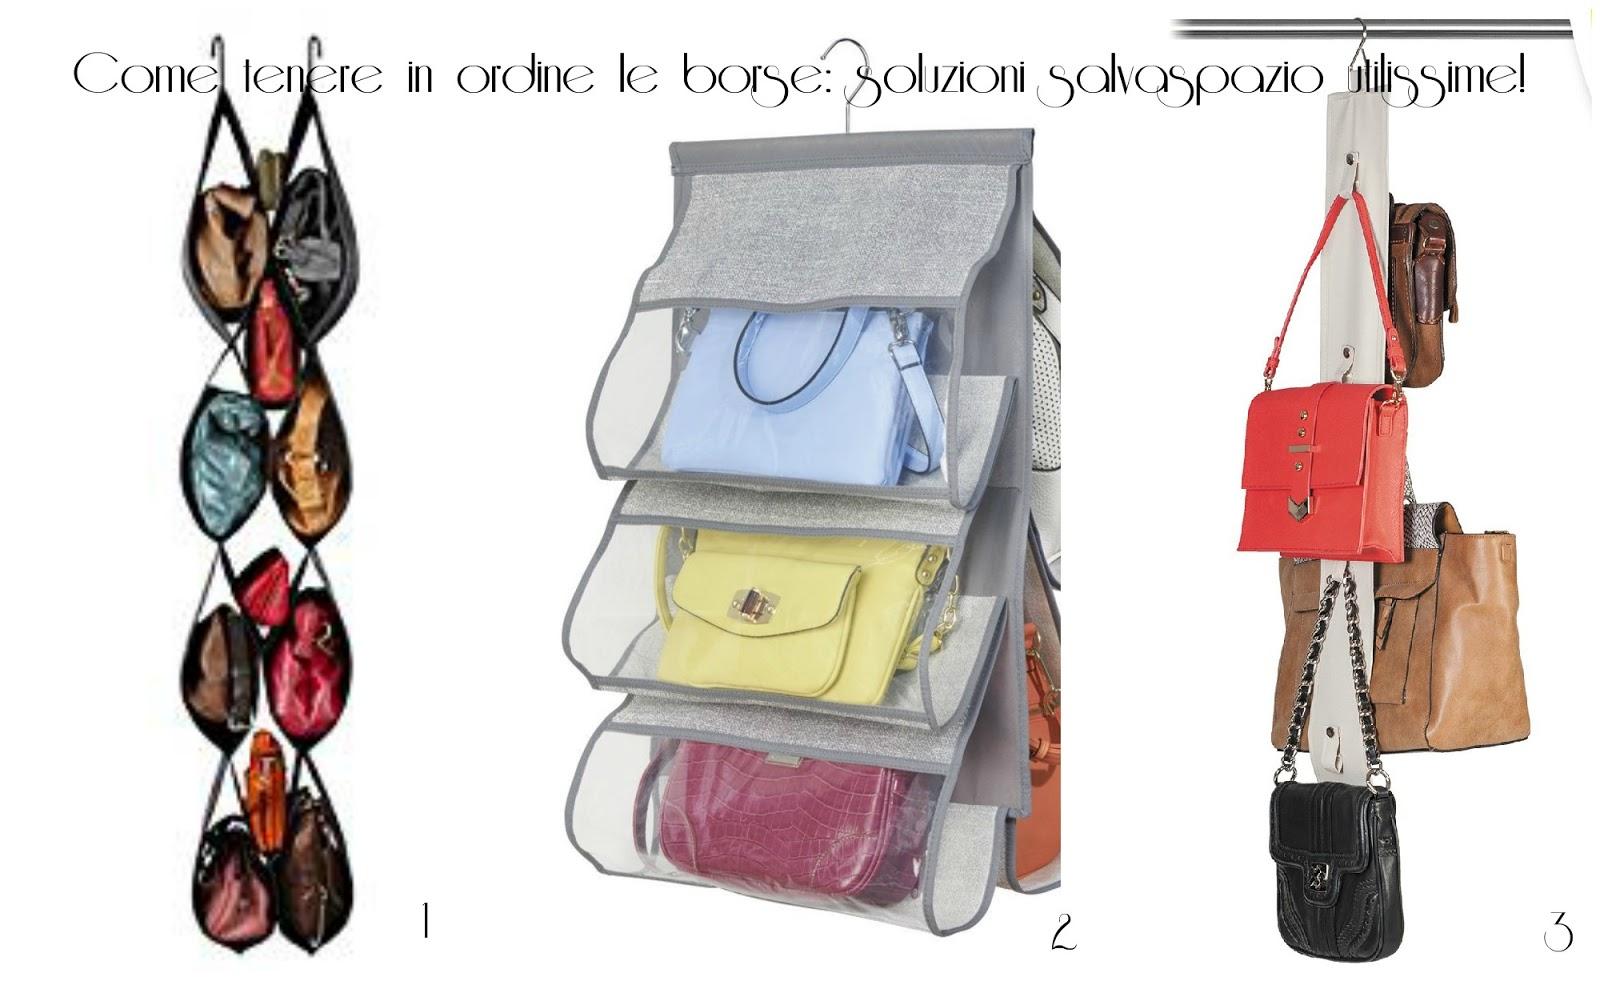 Tutte le dritte per tenere in ordine le borse | Natashasway